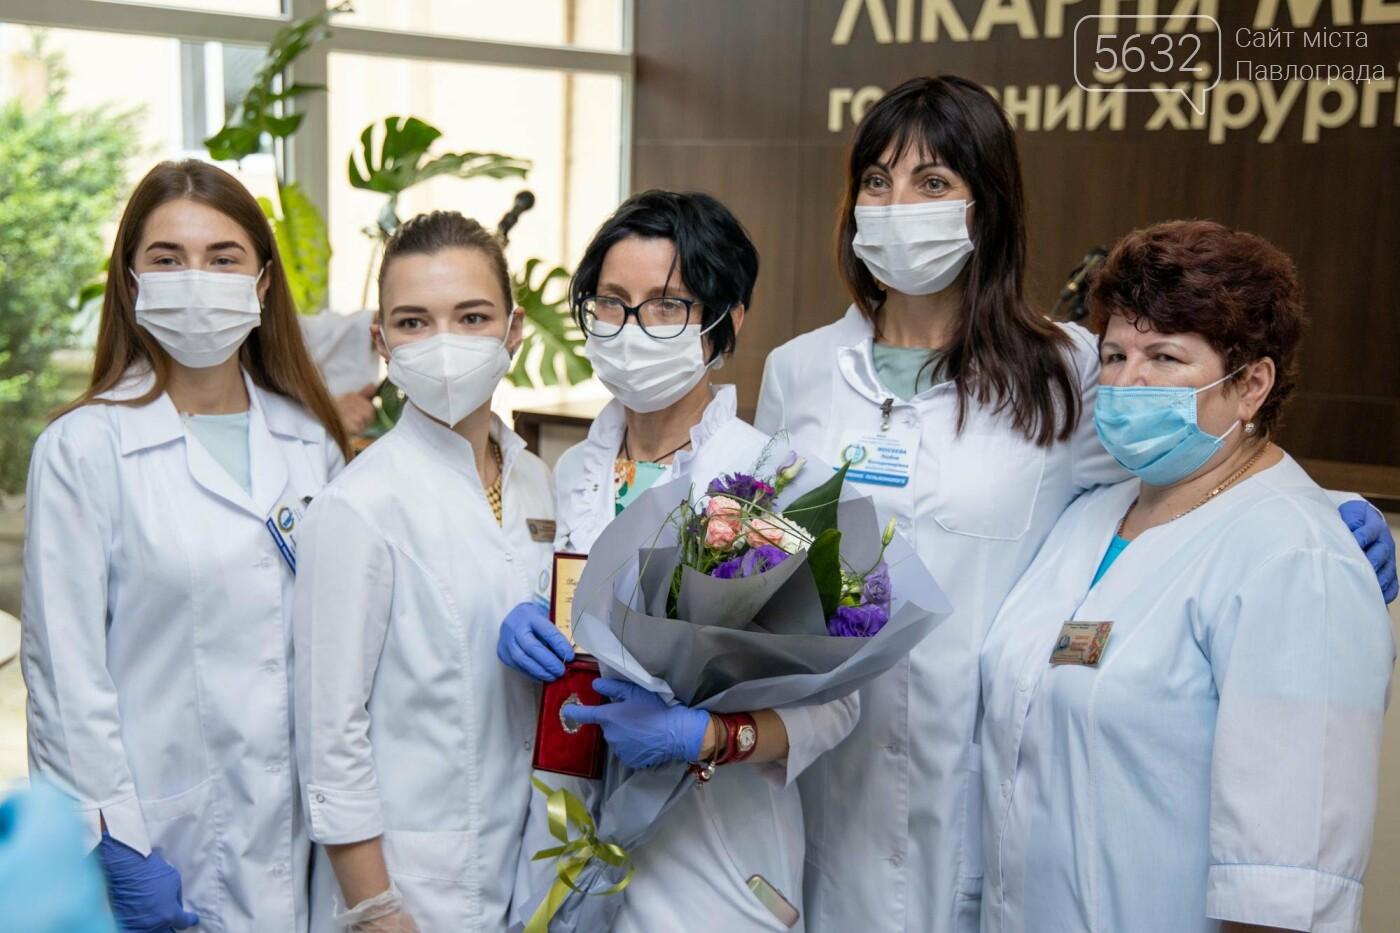 Семейный доктор из Павлограда получила звание «Заслуженный врач Украины», фото-4